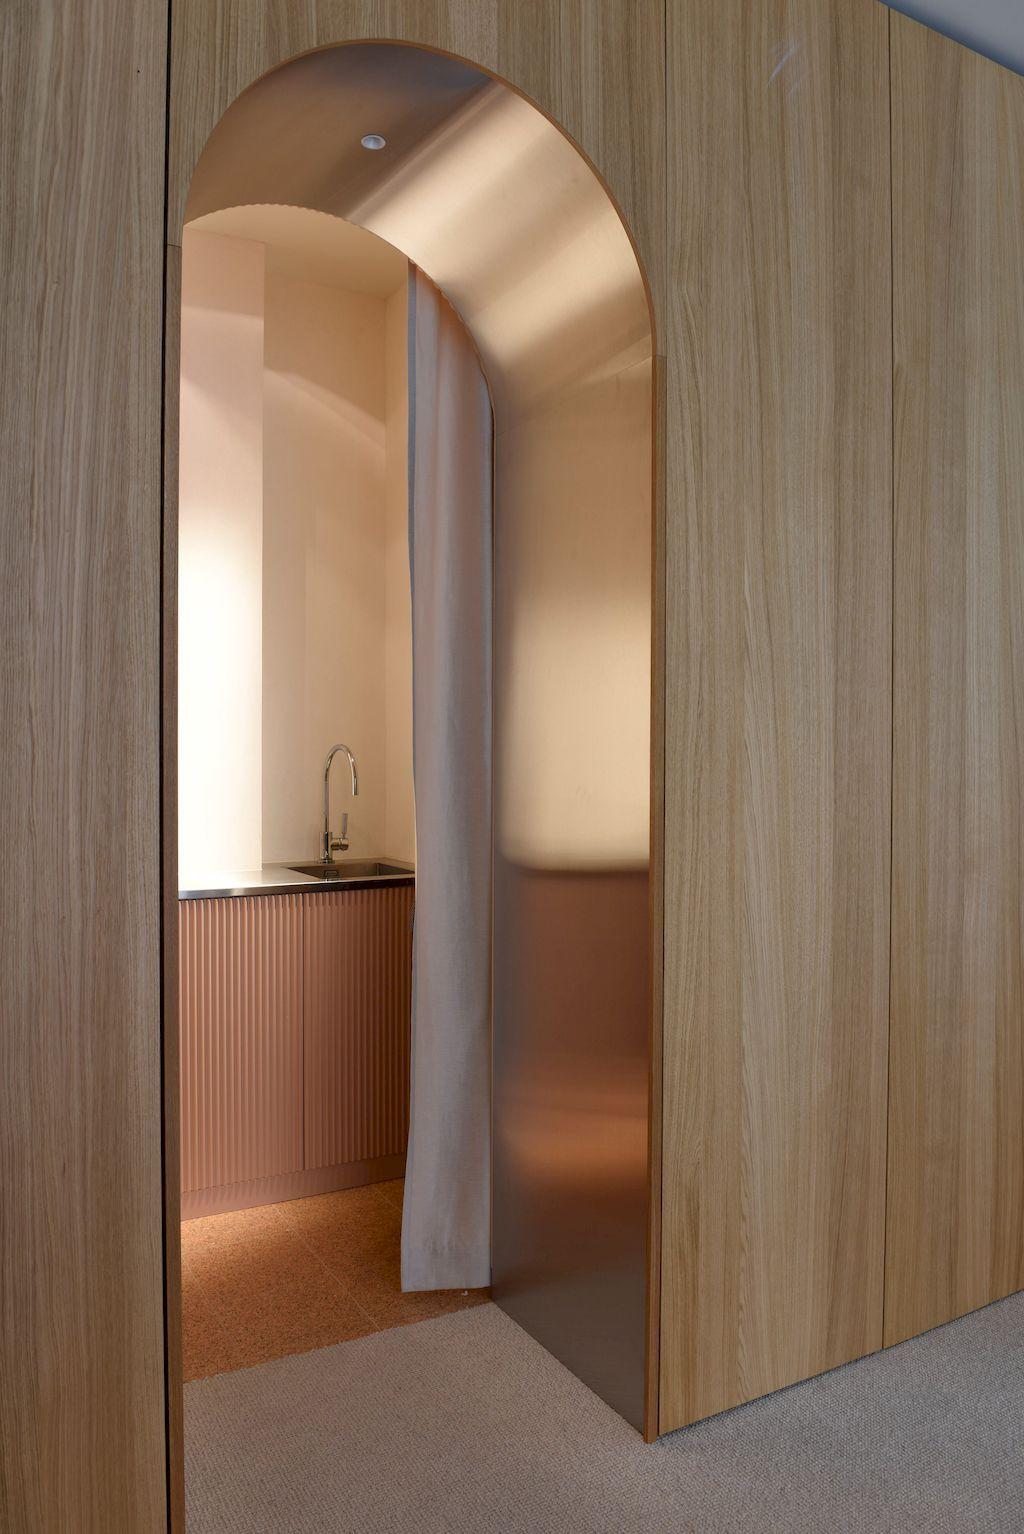 Top 150 Type Of Marvelous Doors Design Decor Interior Design Modern Interior Design Modern Kitchen Design